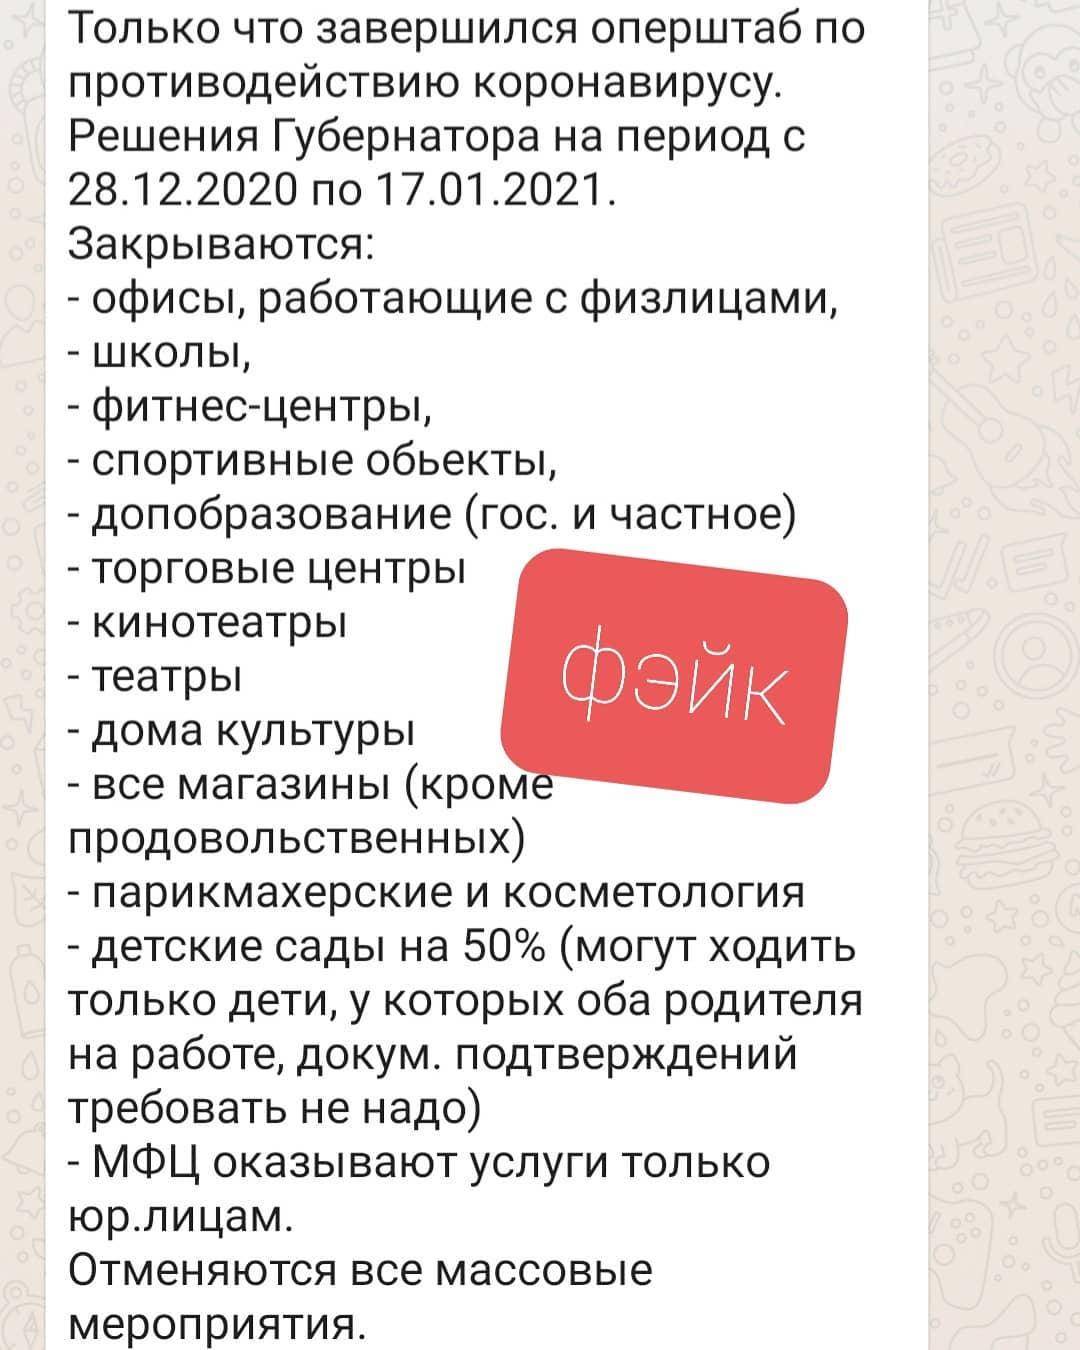 Фейк о новых ограничениях из-за коронавируса в Кузбассе